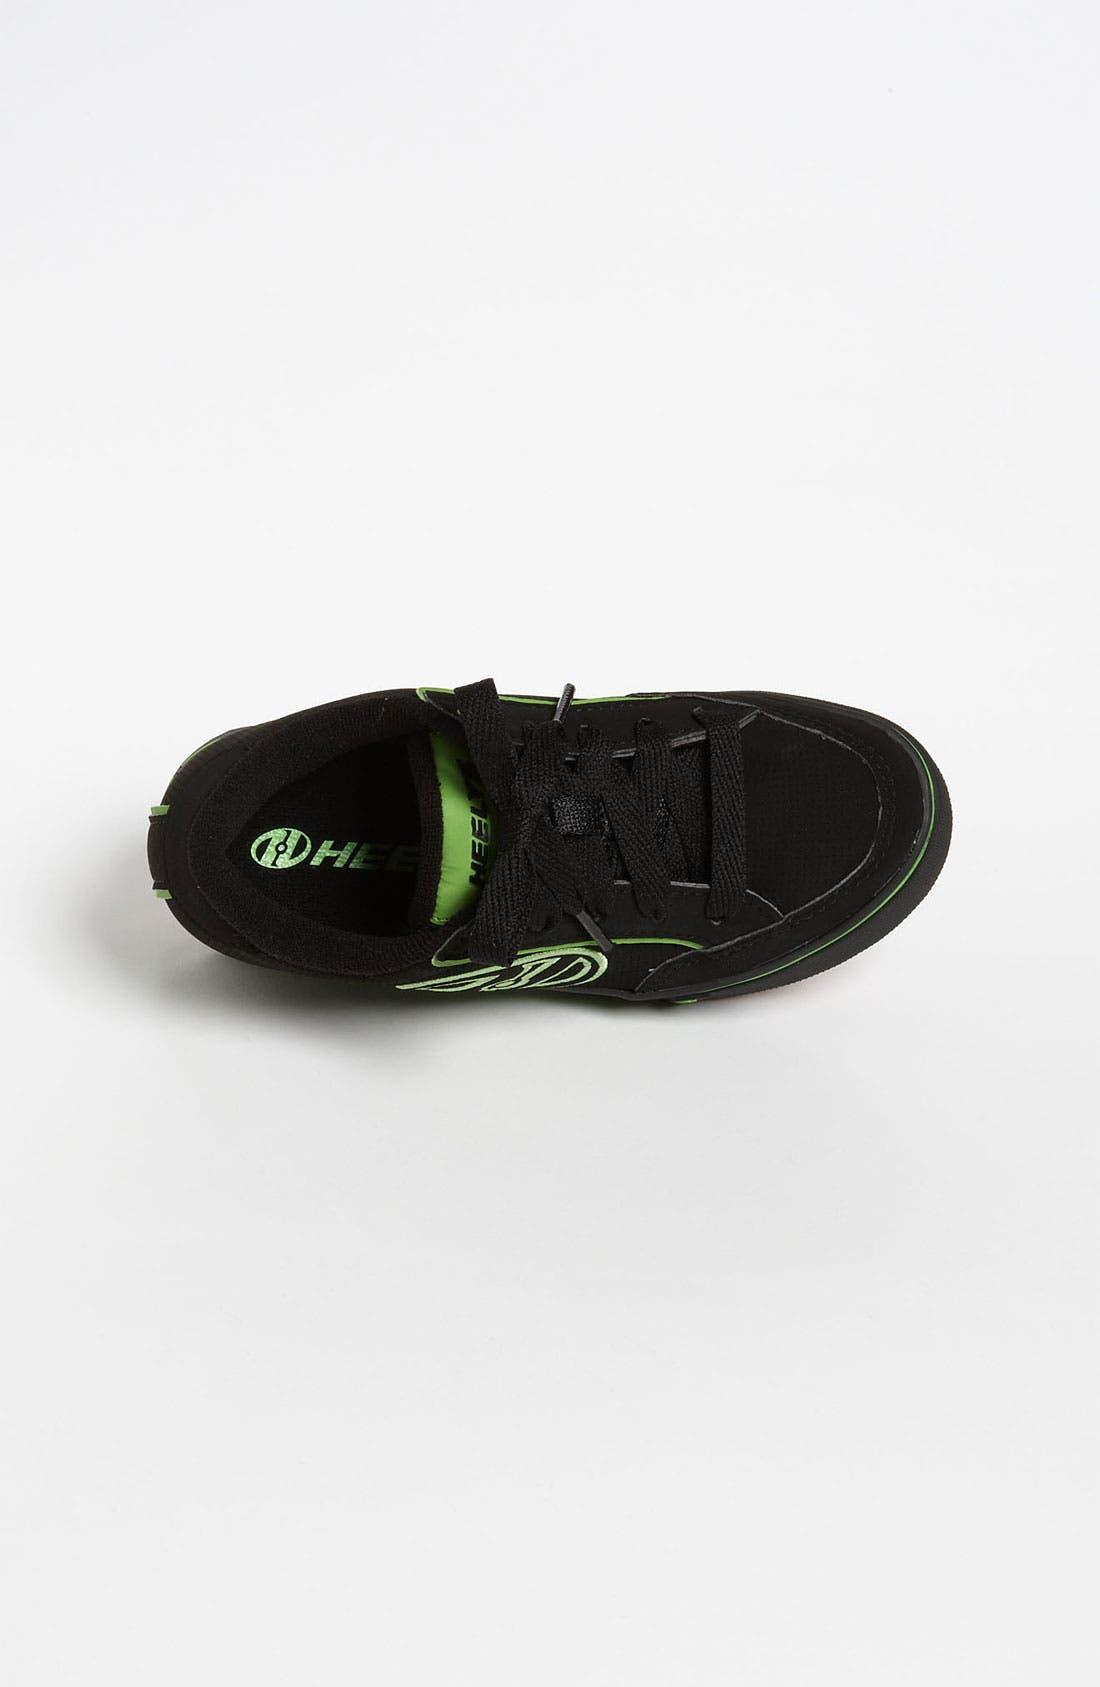 Alternate Image 3  - Heelys 'Wave' Skate Shoe (Toddler, Little Kids & Big Kids)